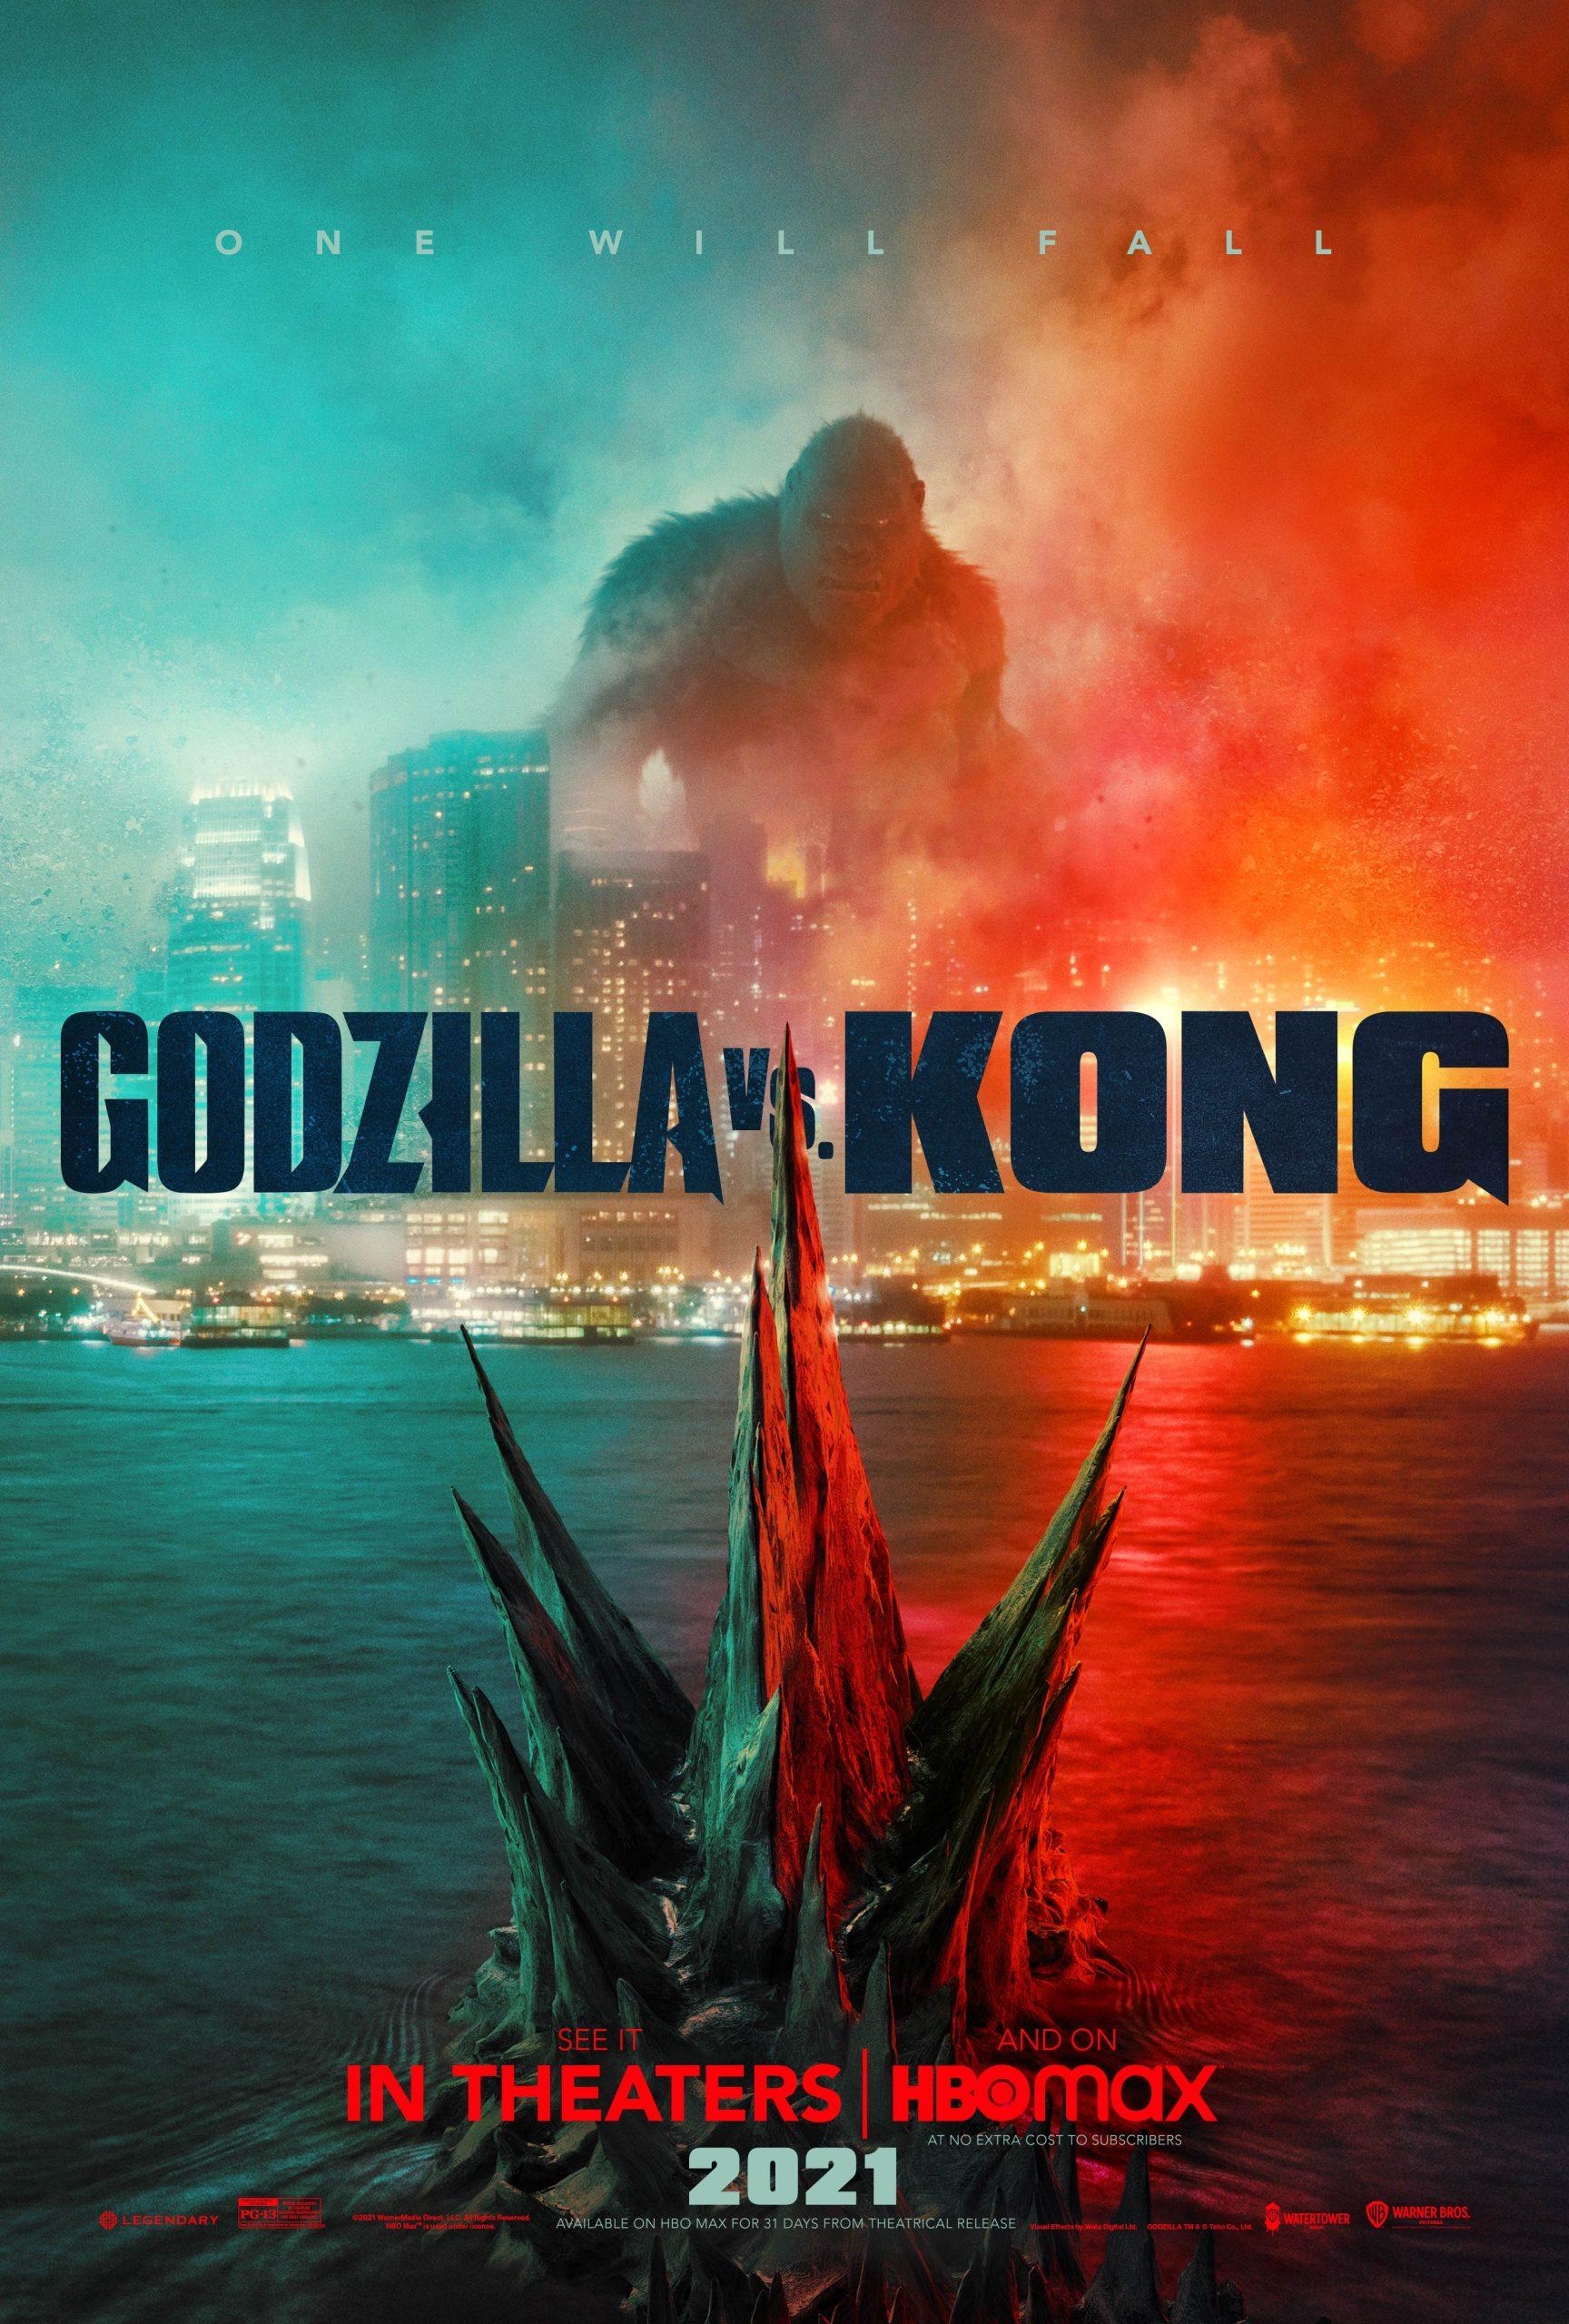 New Movie: Godzilla Vs Kong